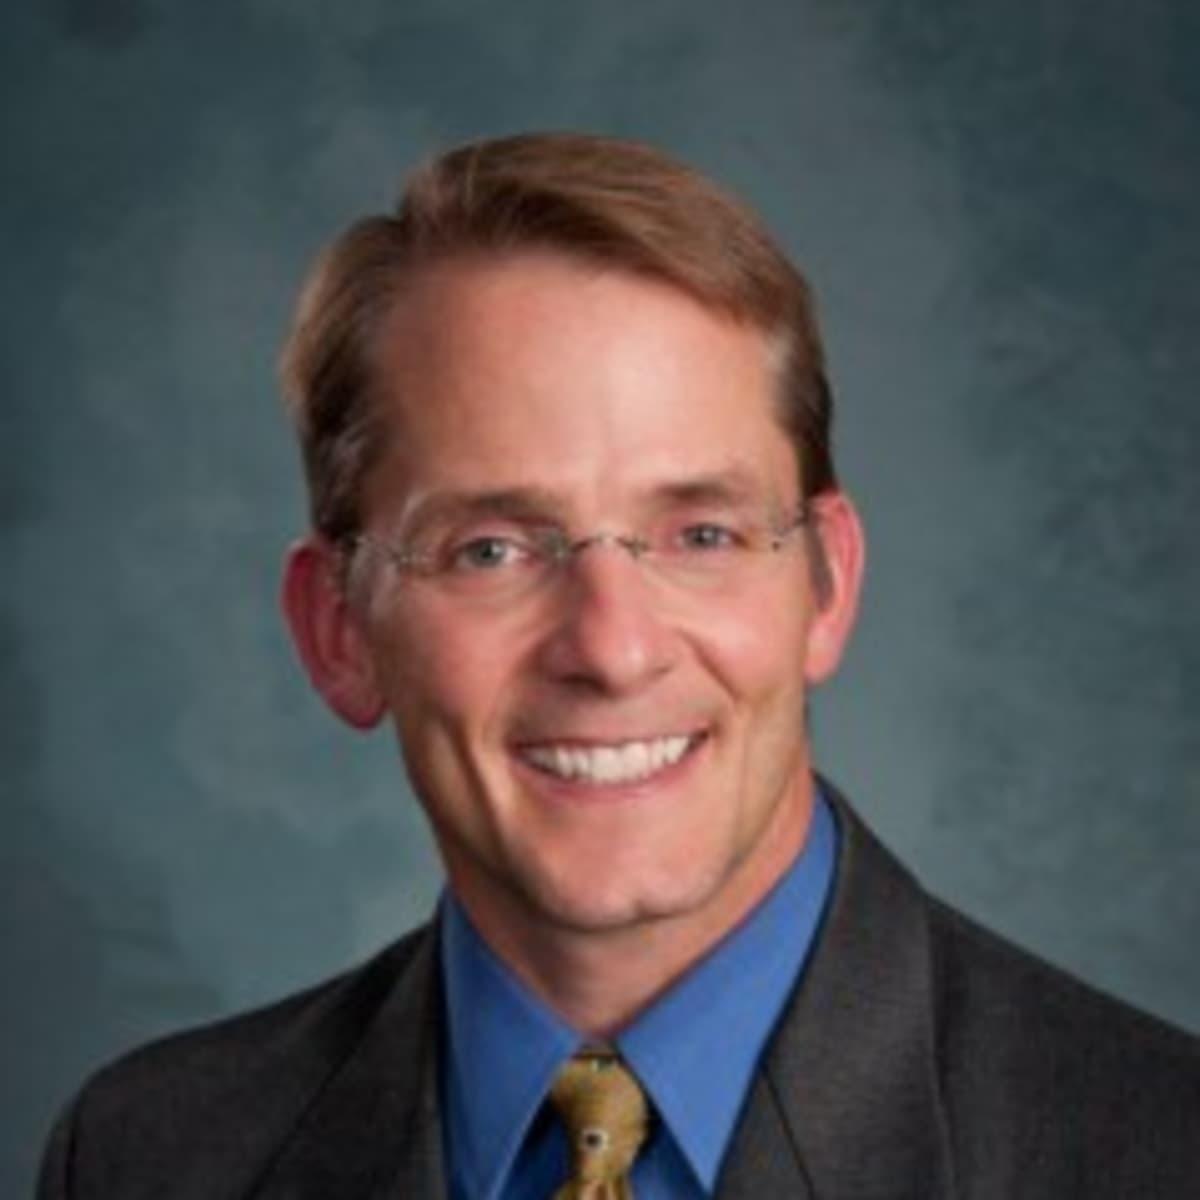 Paul Petersen Md Lincoln Ne Gastroenterologist